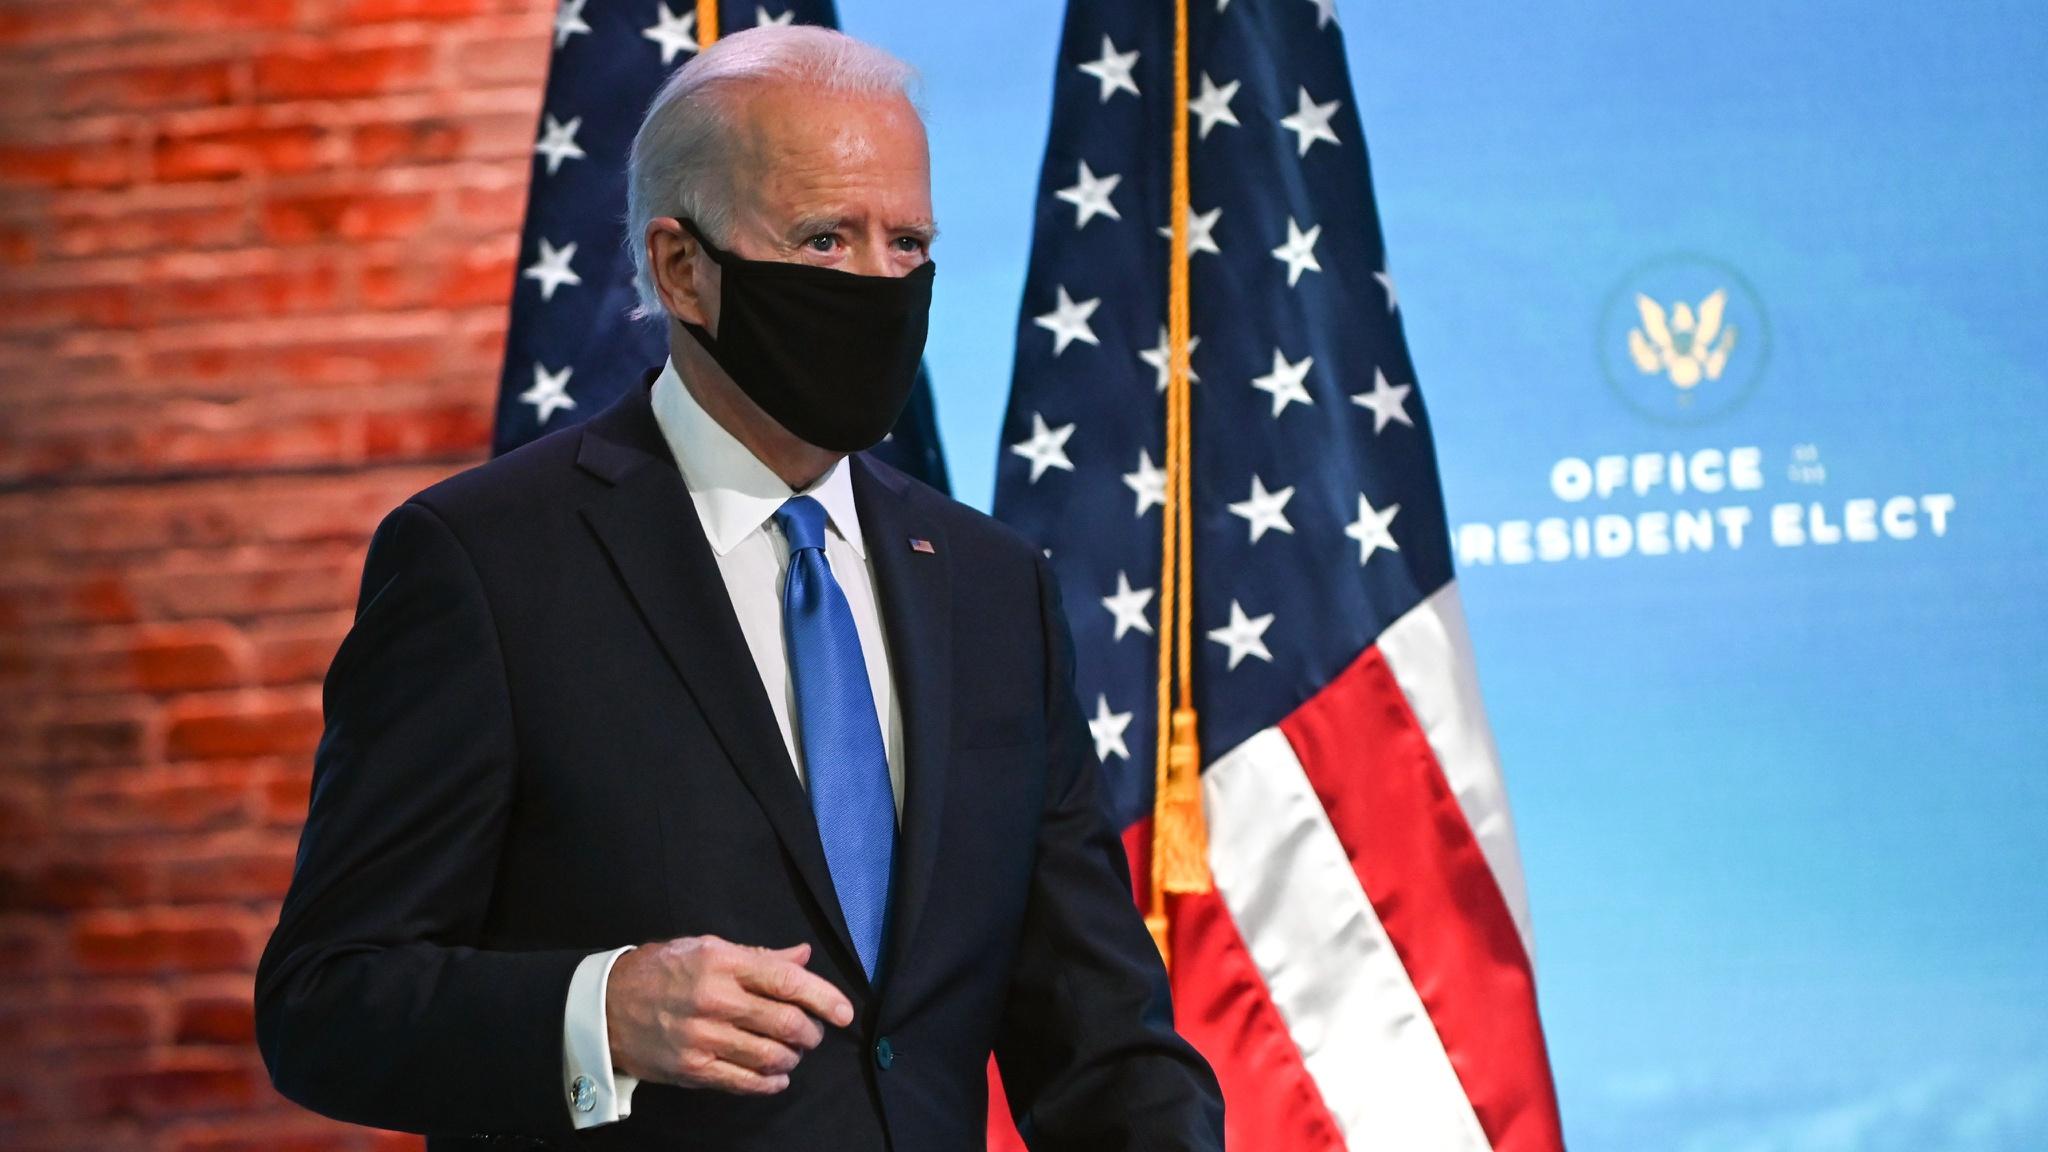 Cộng đồng mạng xôn xao việc ông Joe Biden ho liên tục lúc phát biểu